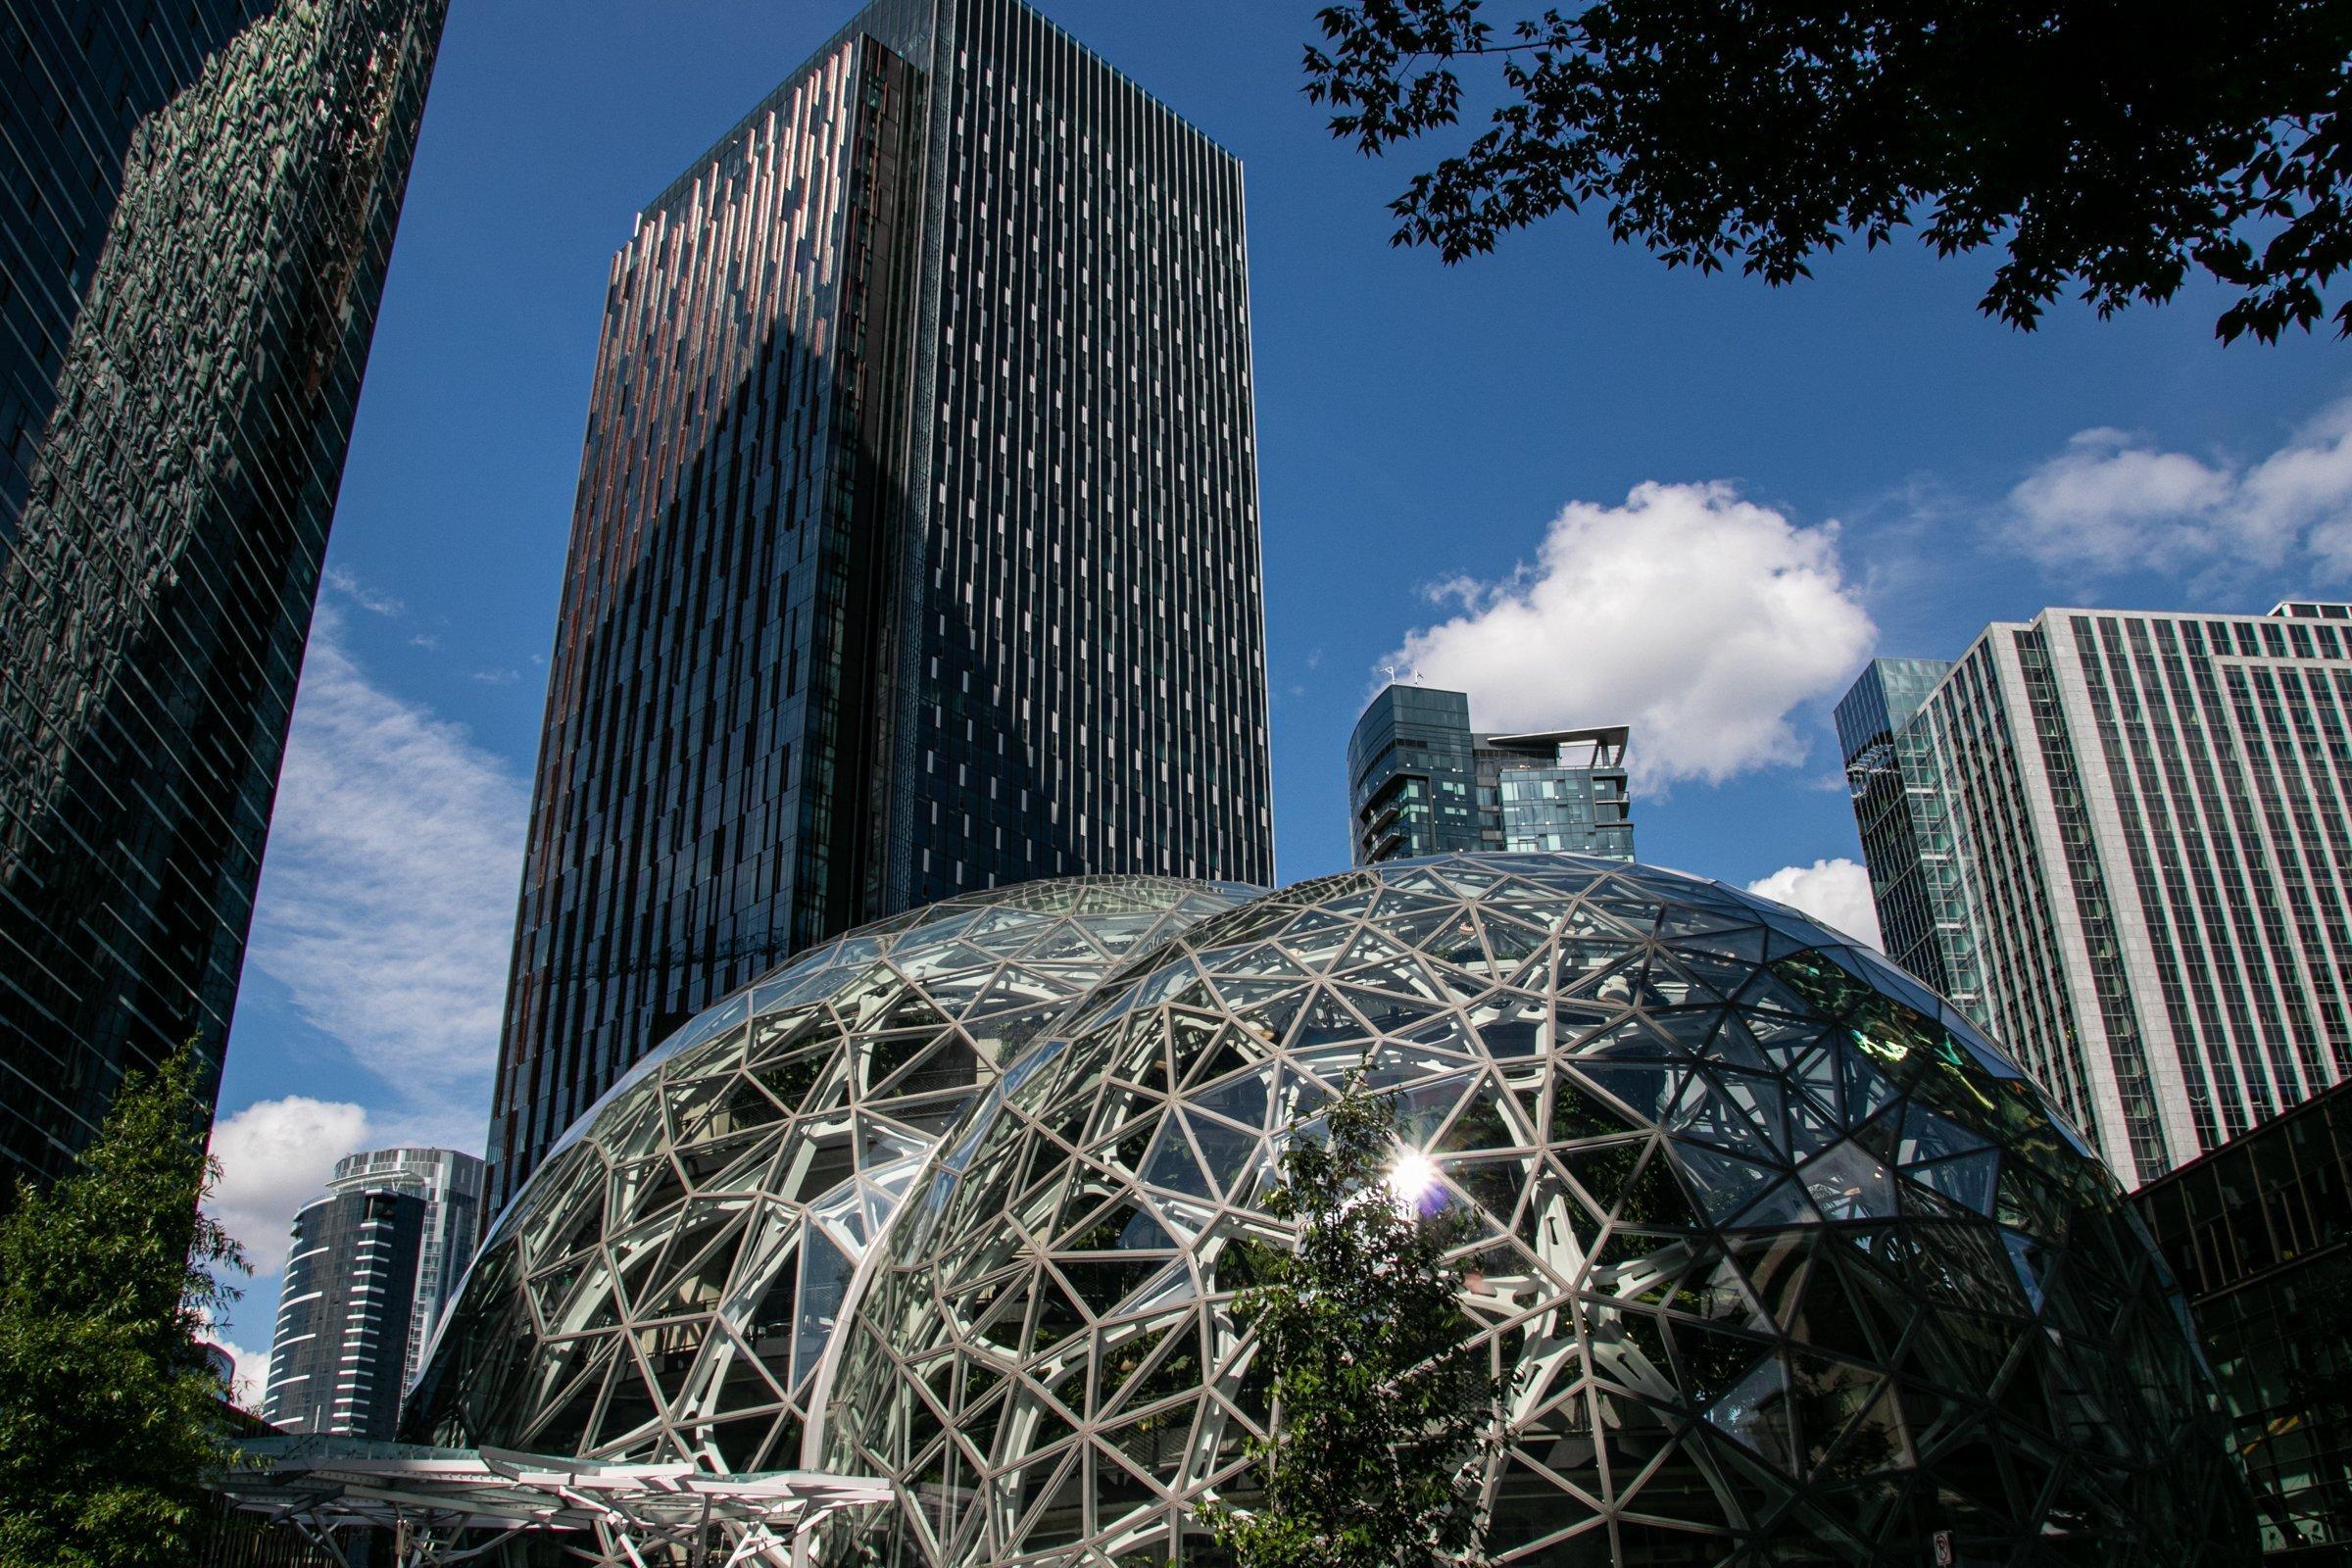 Amazon Spheres Near Buildings In Seattle